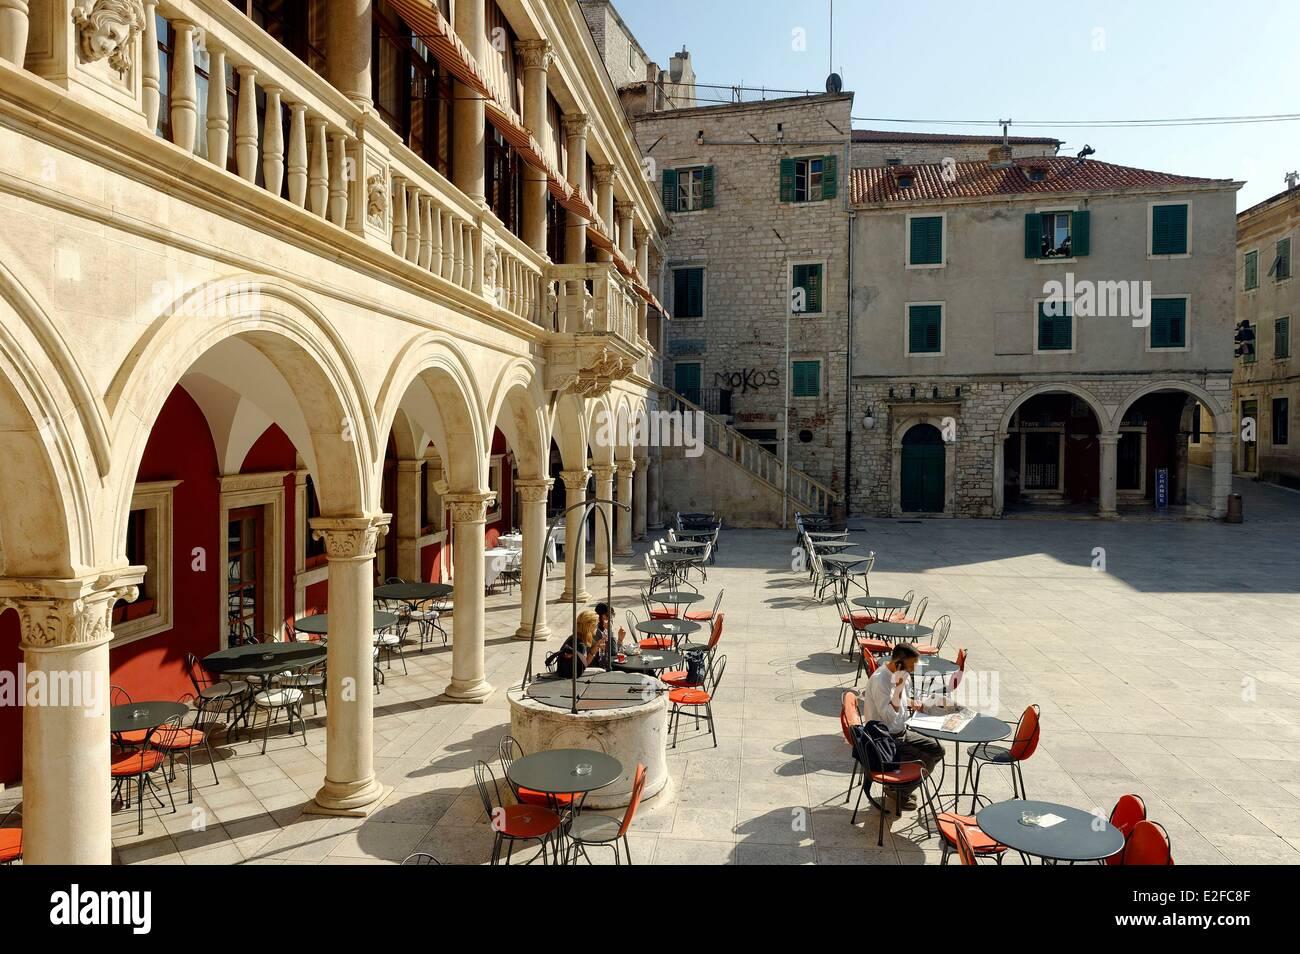 Kroatien, Dalmatien, Dalmatien, Sibenik, alte Rathaus in der Altstadt Stockbild